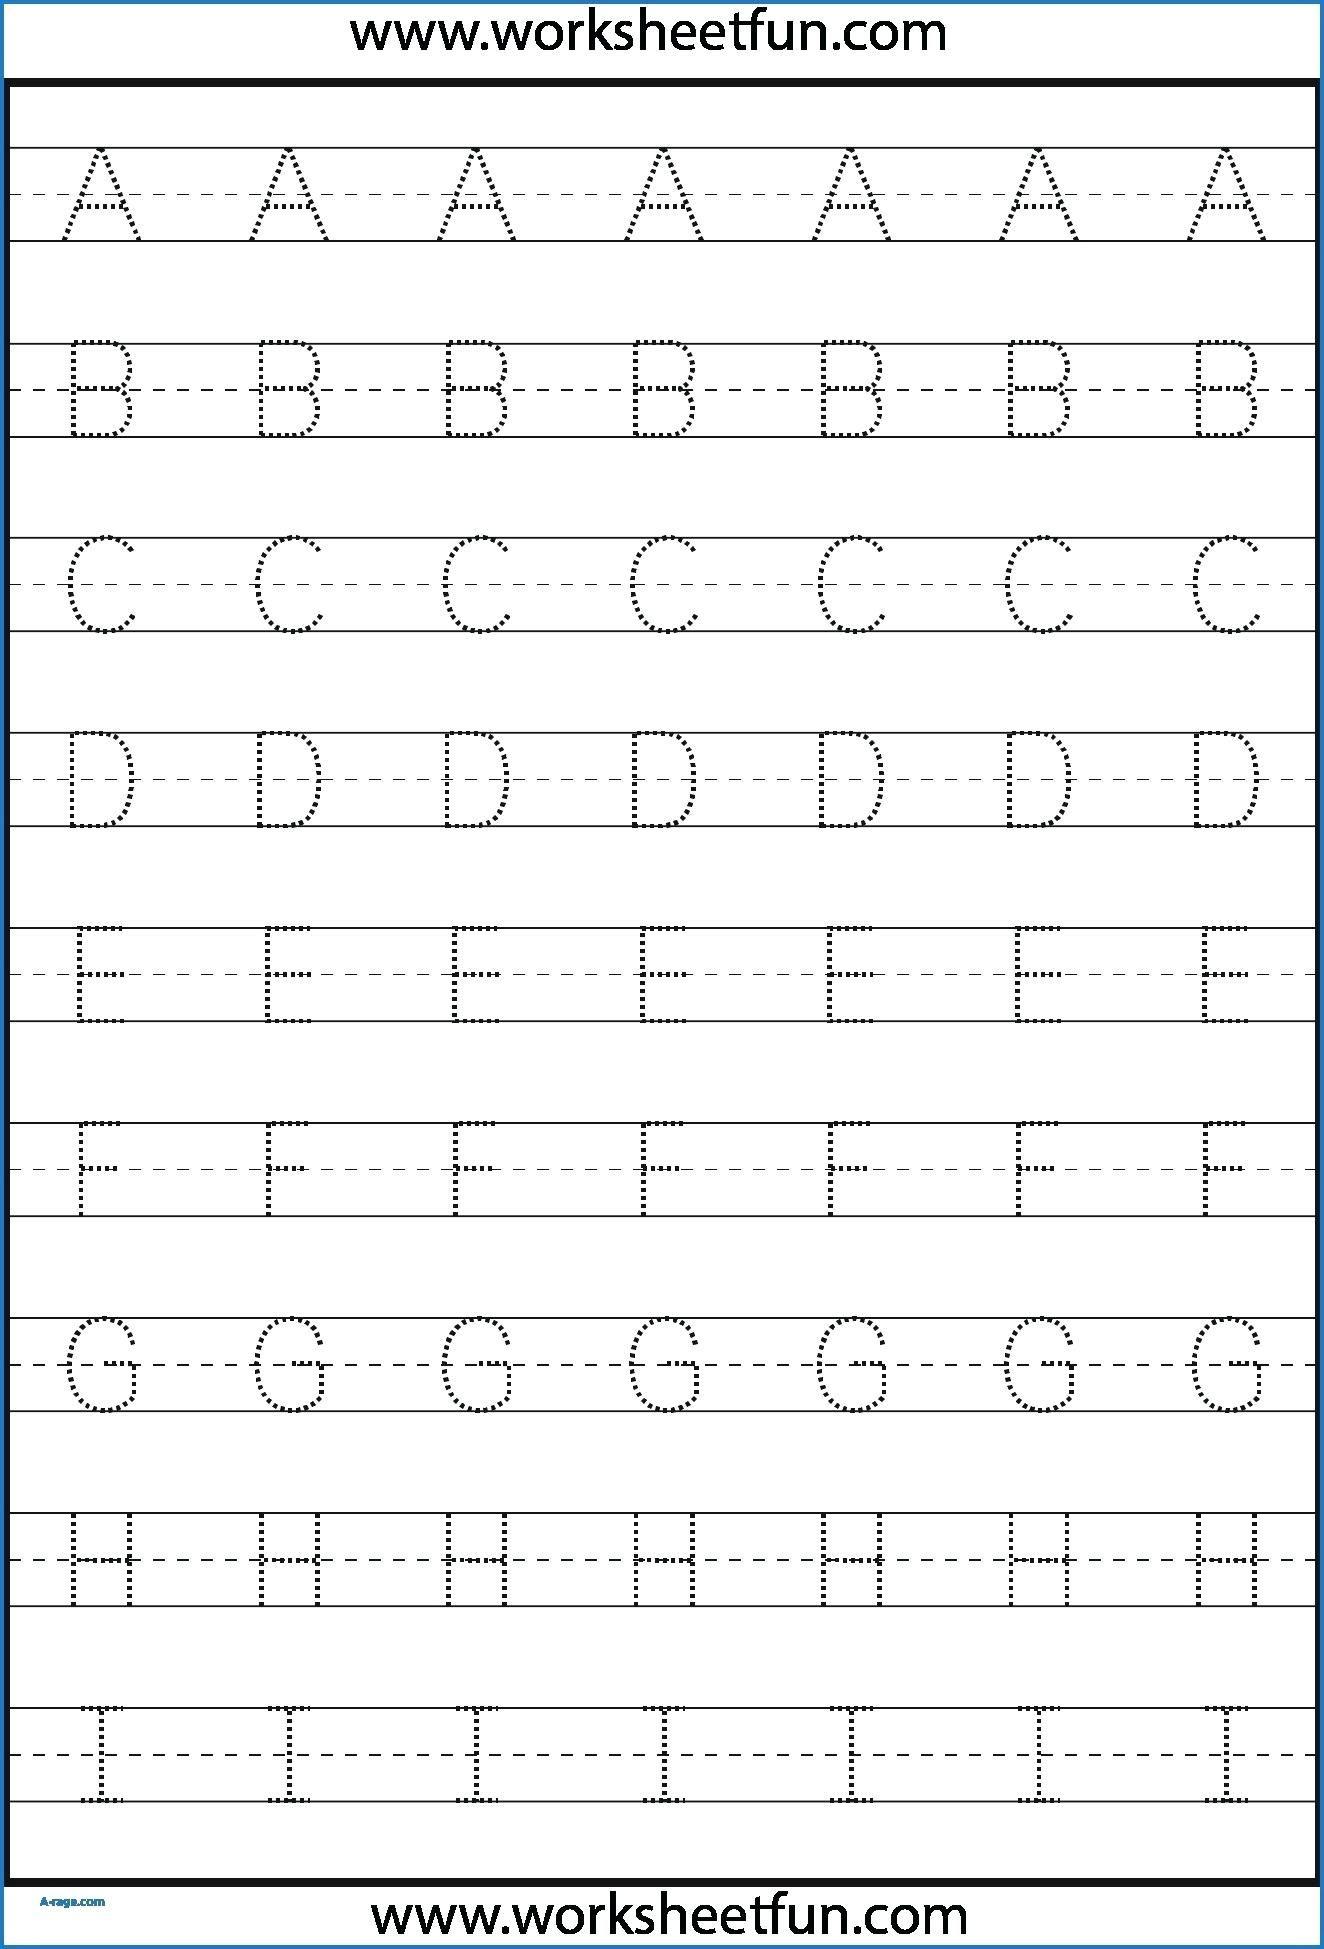 Kindergarten Letter Tracing Worksheets Pdf - Wallpaper Image for Letter Tracing Worksheets Uppercase